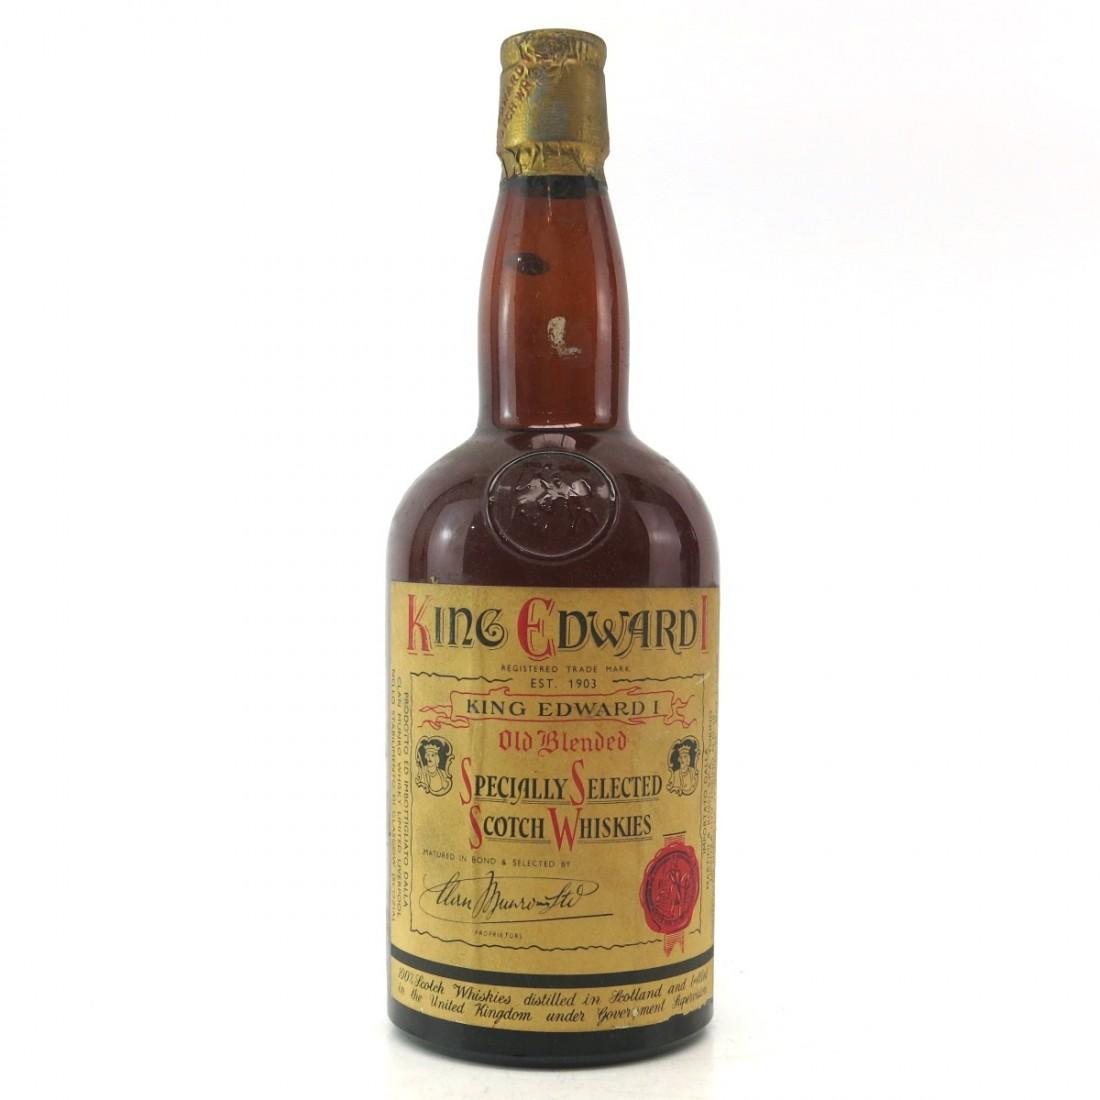 King Edward 1st Scotch Whisky 1960s